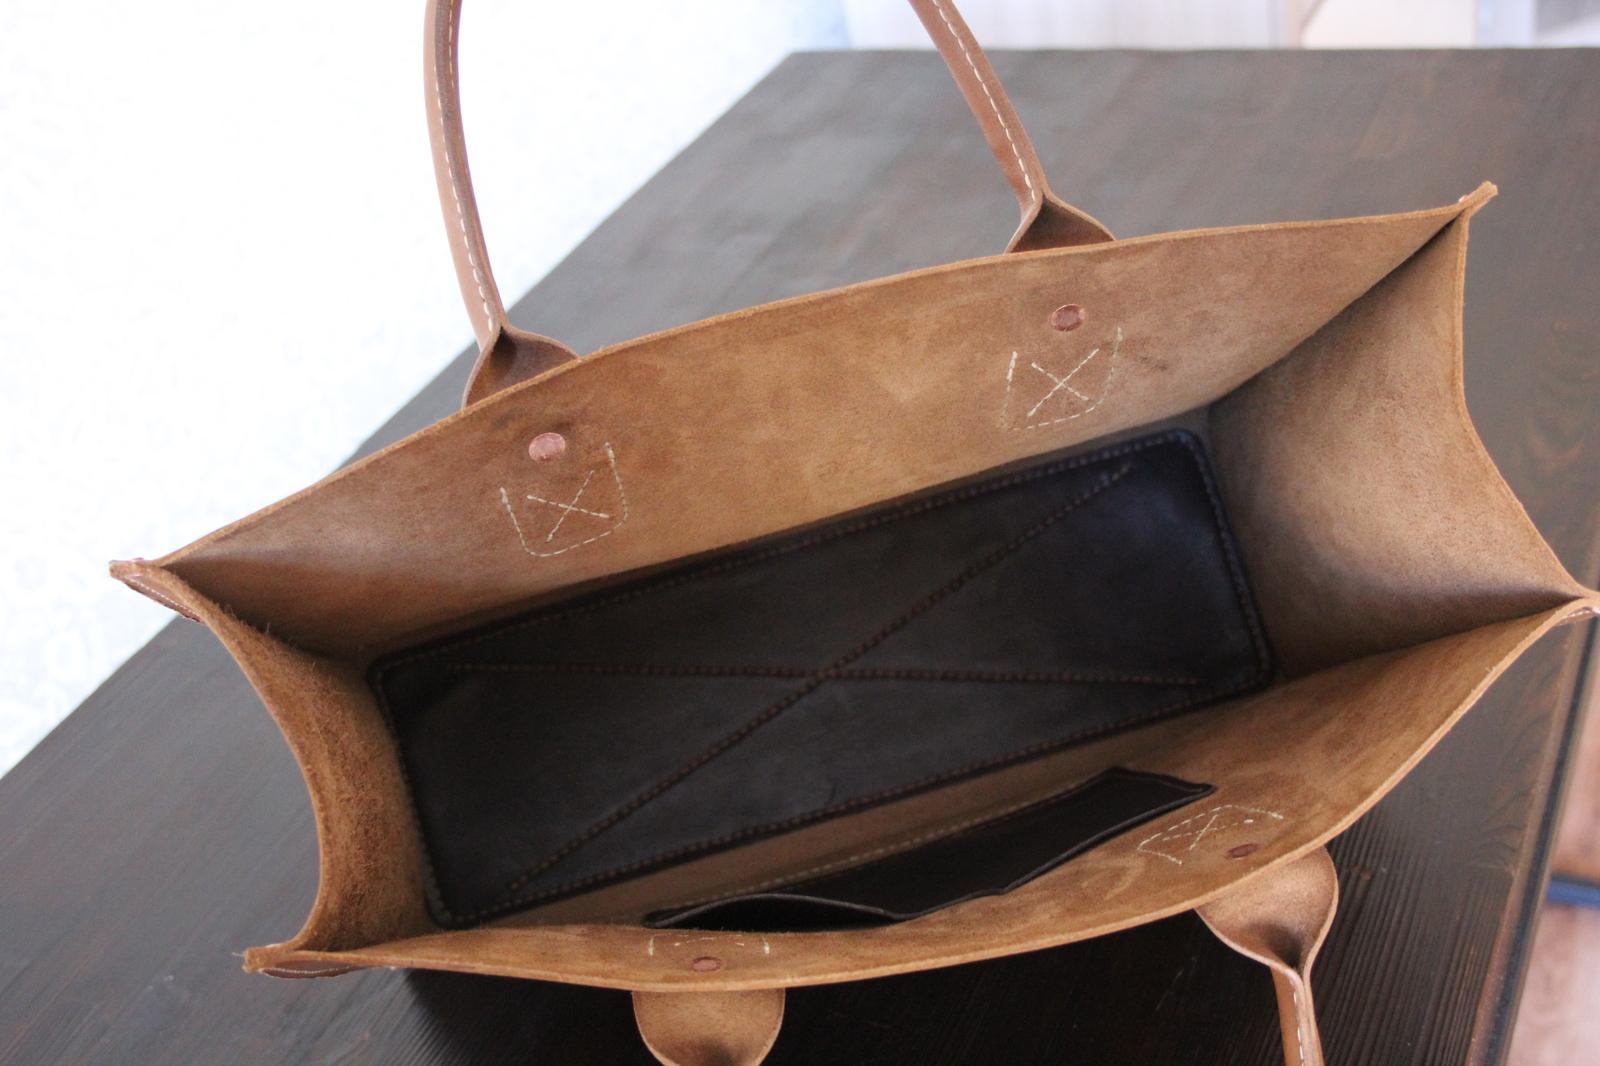 ee84b9567cf4 Мое хобби: женская кожаная сумка своими руками. Изделия из кожи, Хобби,  Женская